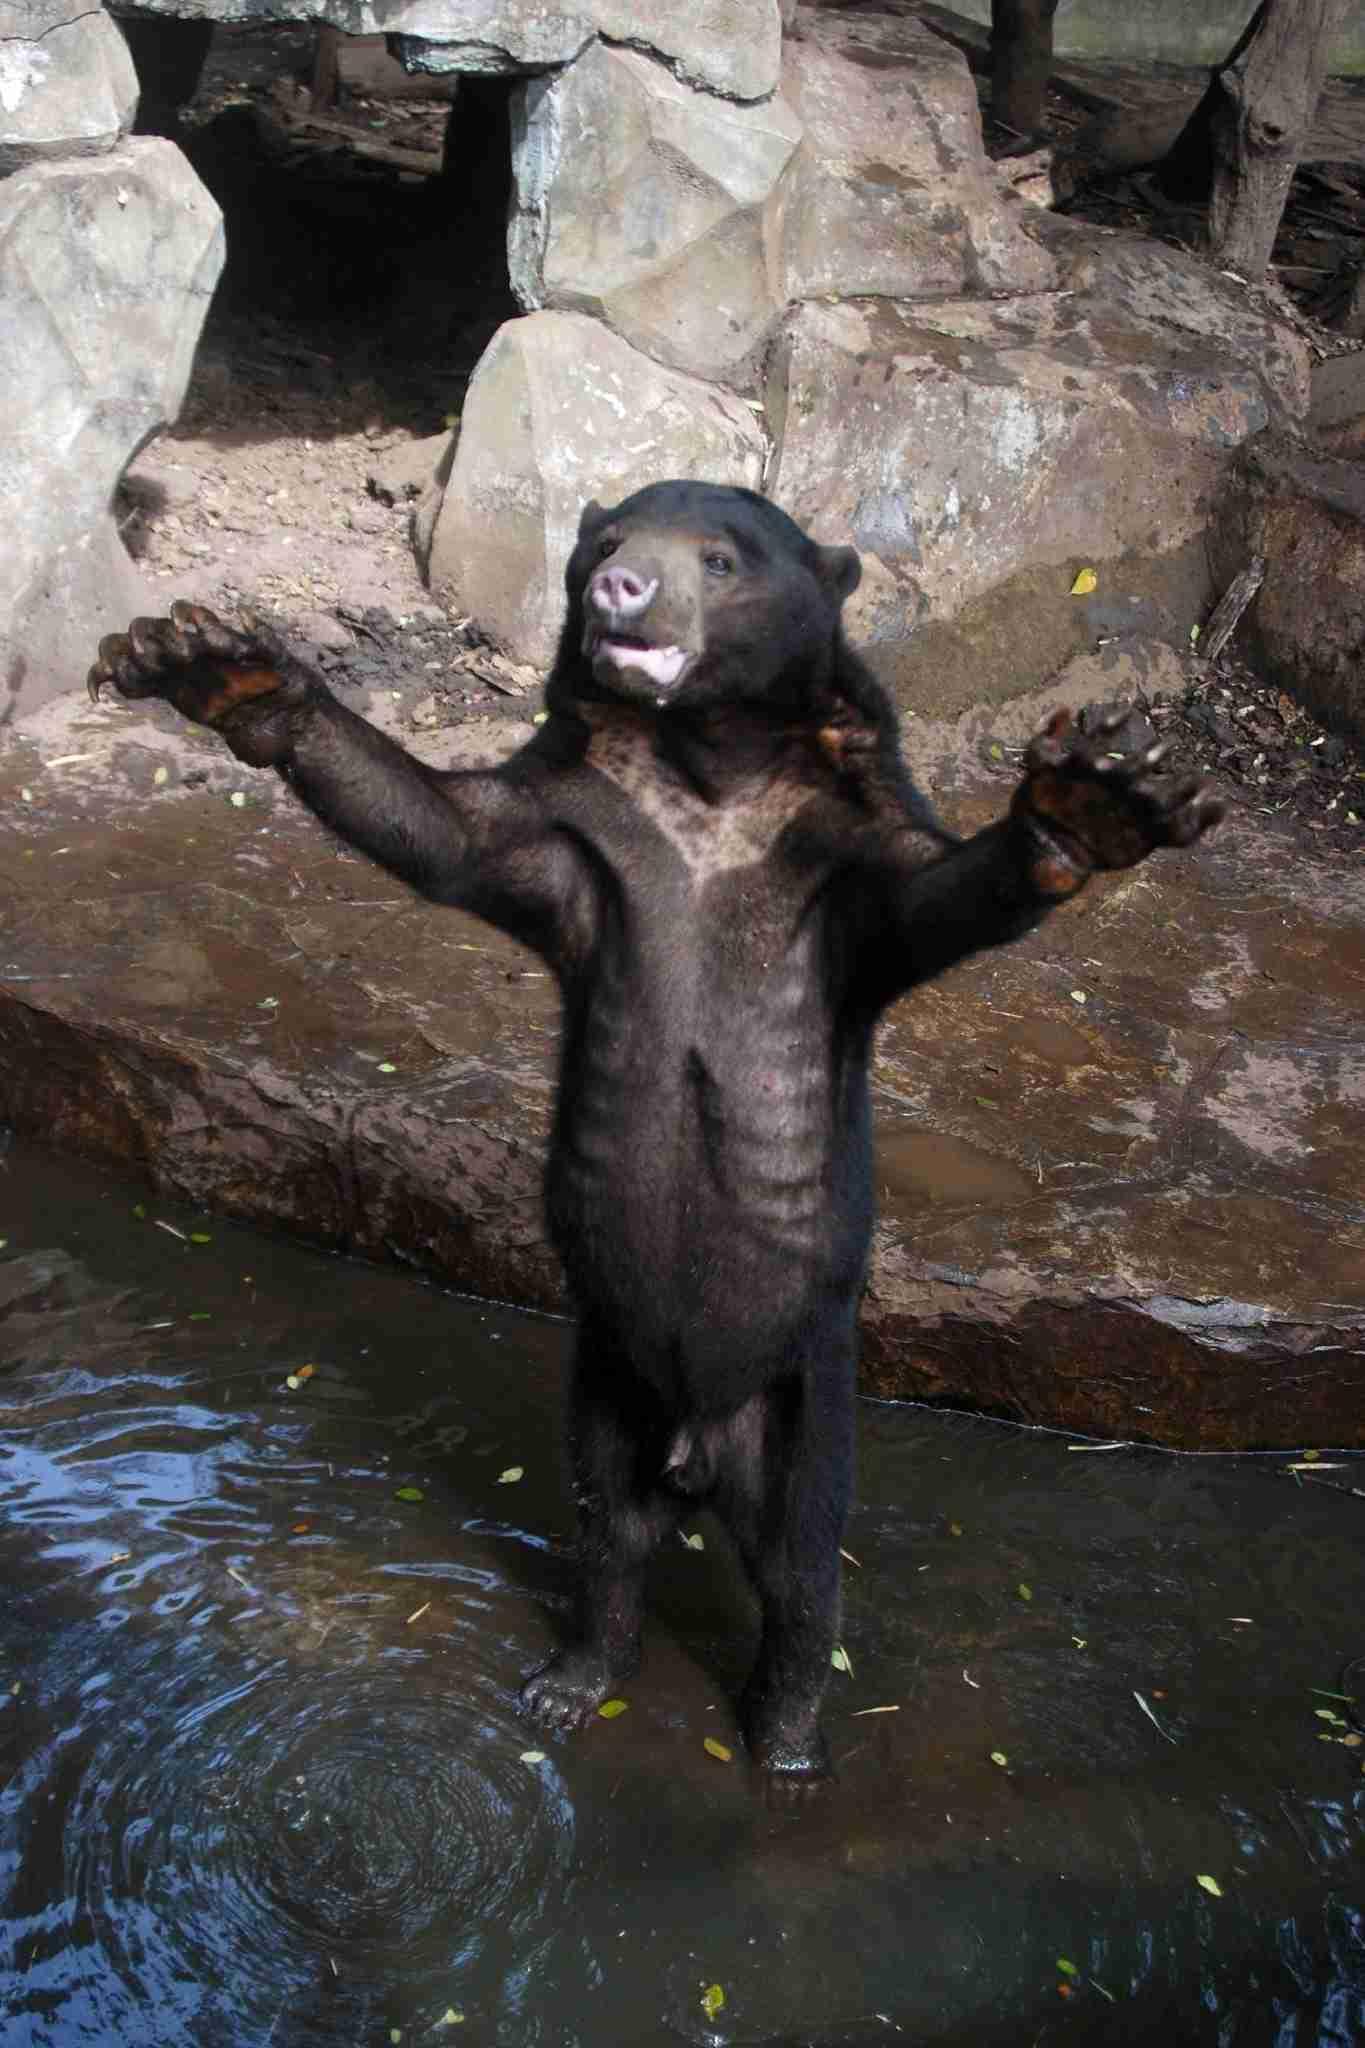 やせ細ったマレーグマを展示、インドネシア動物園に怒りの声 (AFP=時事) - Yahoo!ニュース